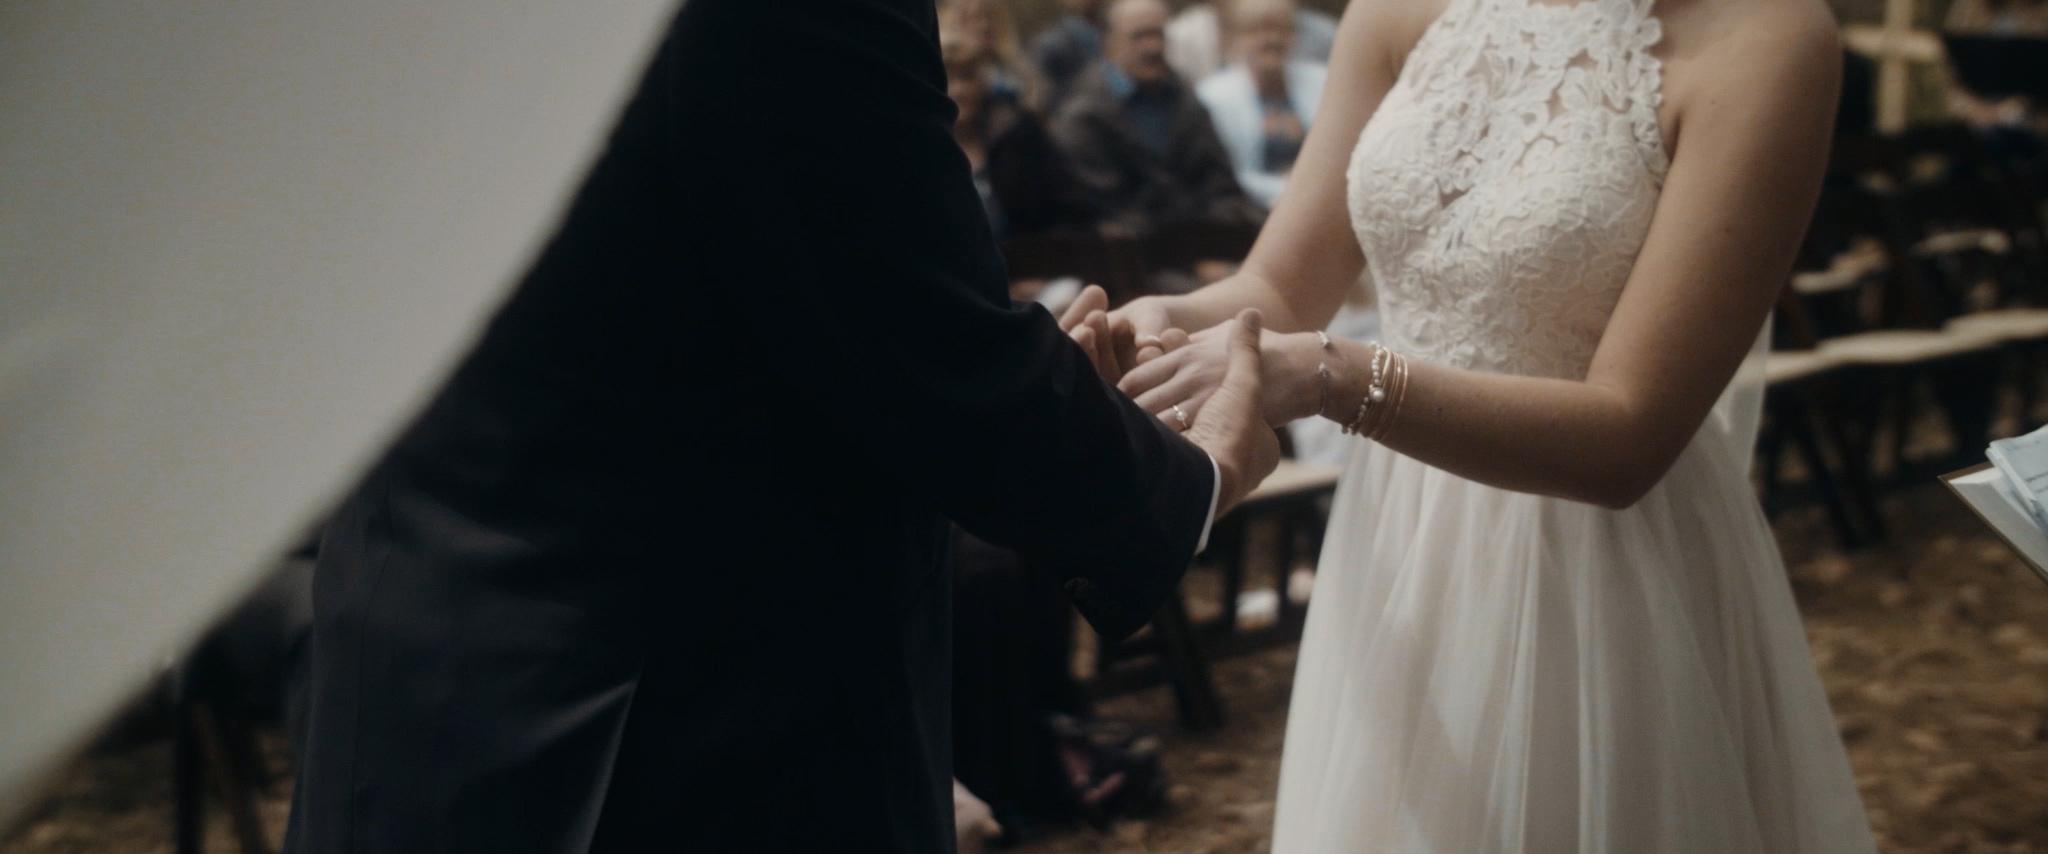 HAVENS_Wedding_Film.00_03_12_15.Still044.jpg